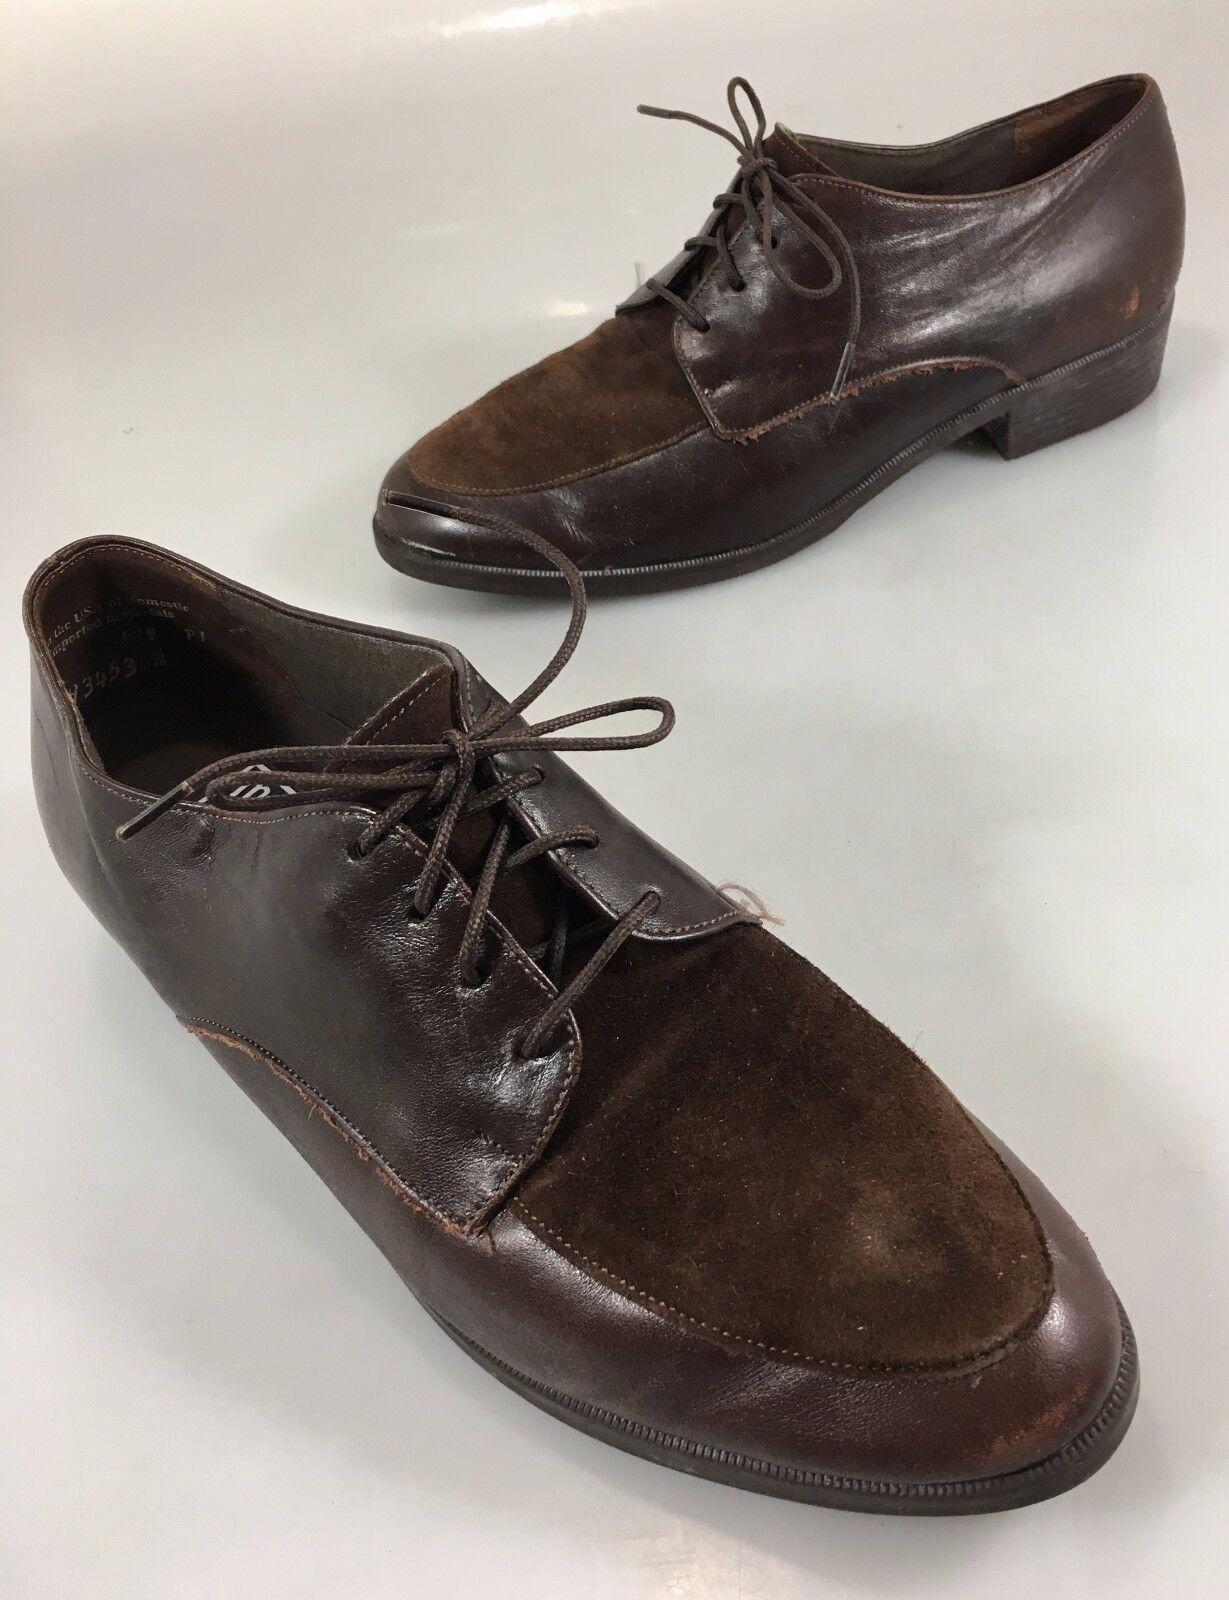 spedizione e scambi gratuiti. Munro American Sport Sport Sport donna 9 M Marrone Suede Leather Oxford Walking scarpe  outlet